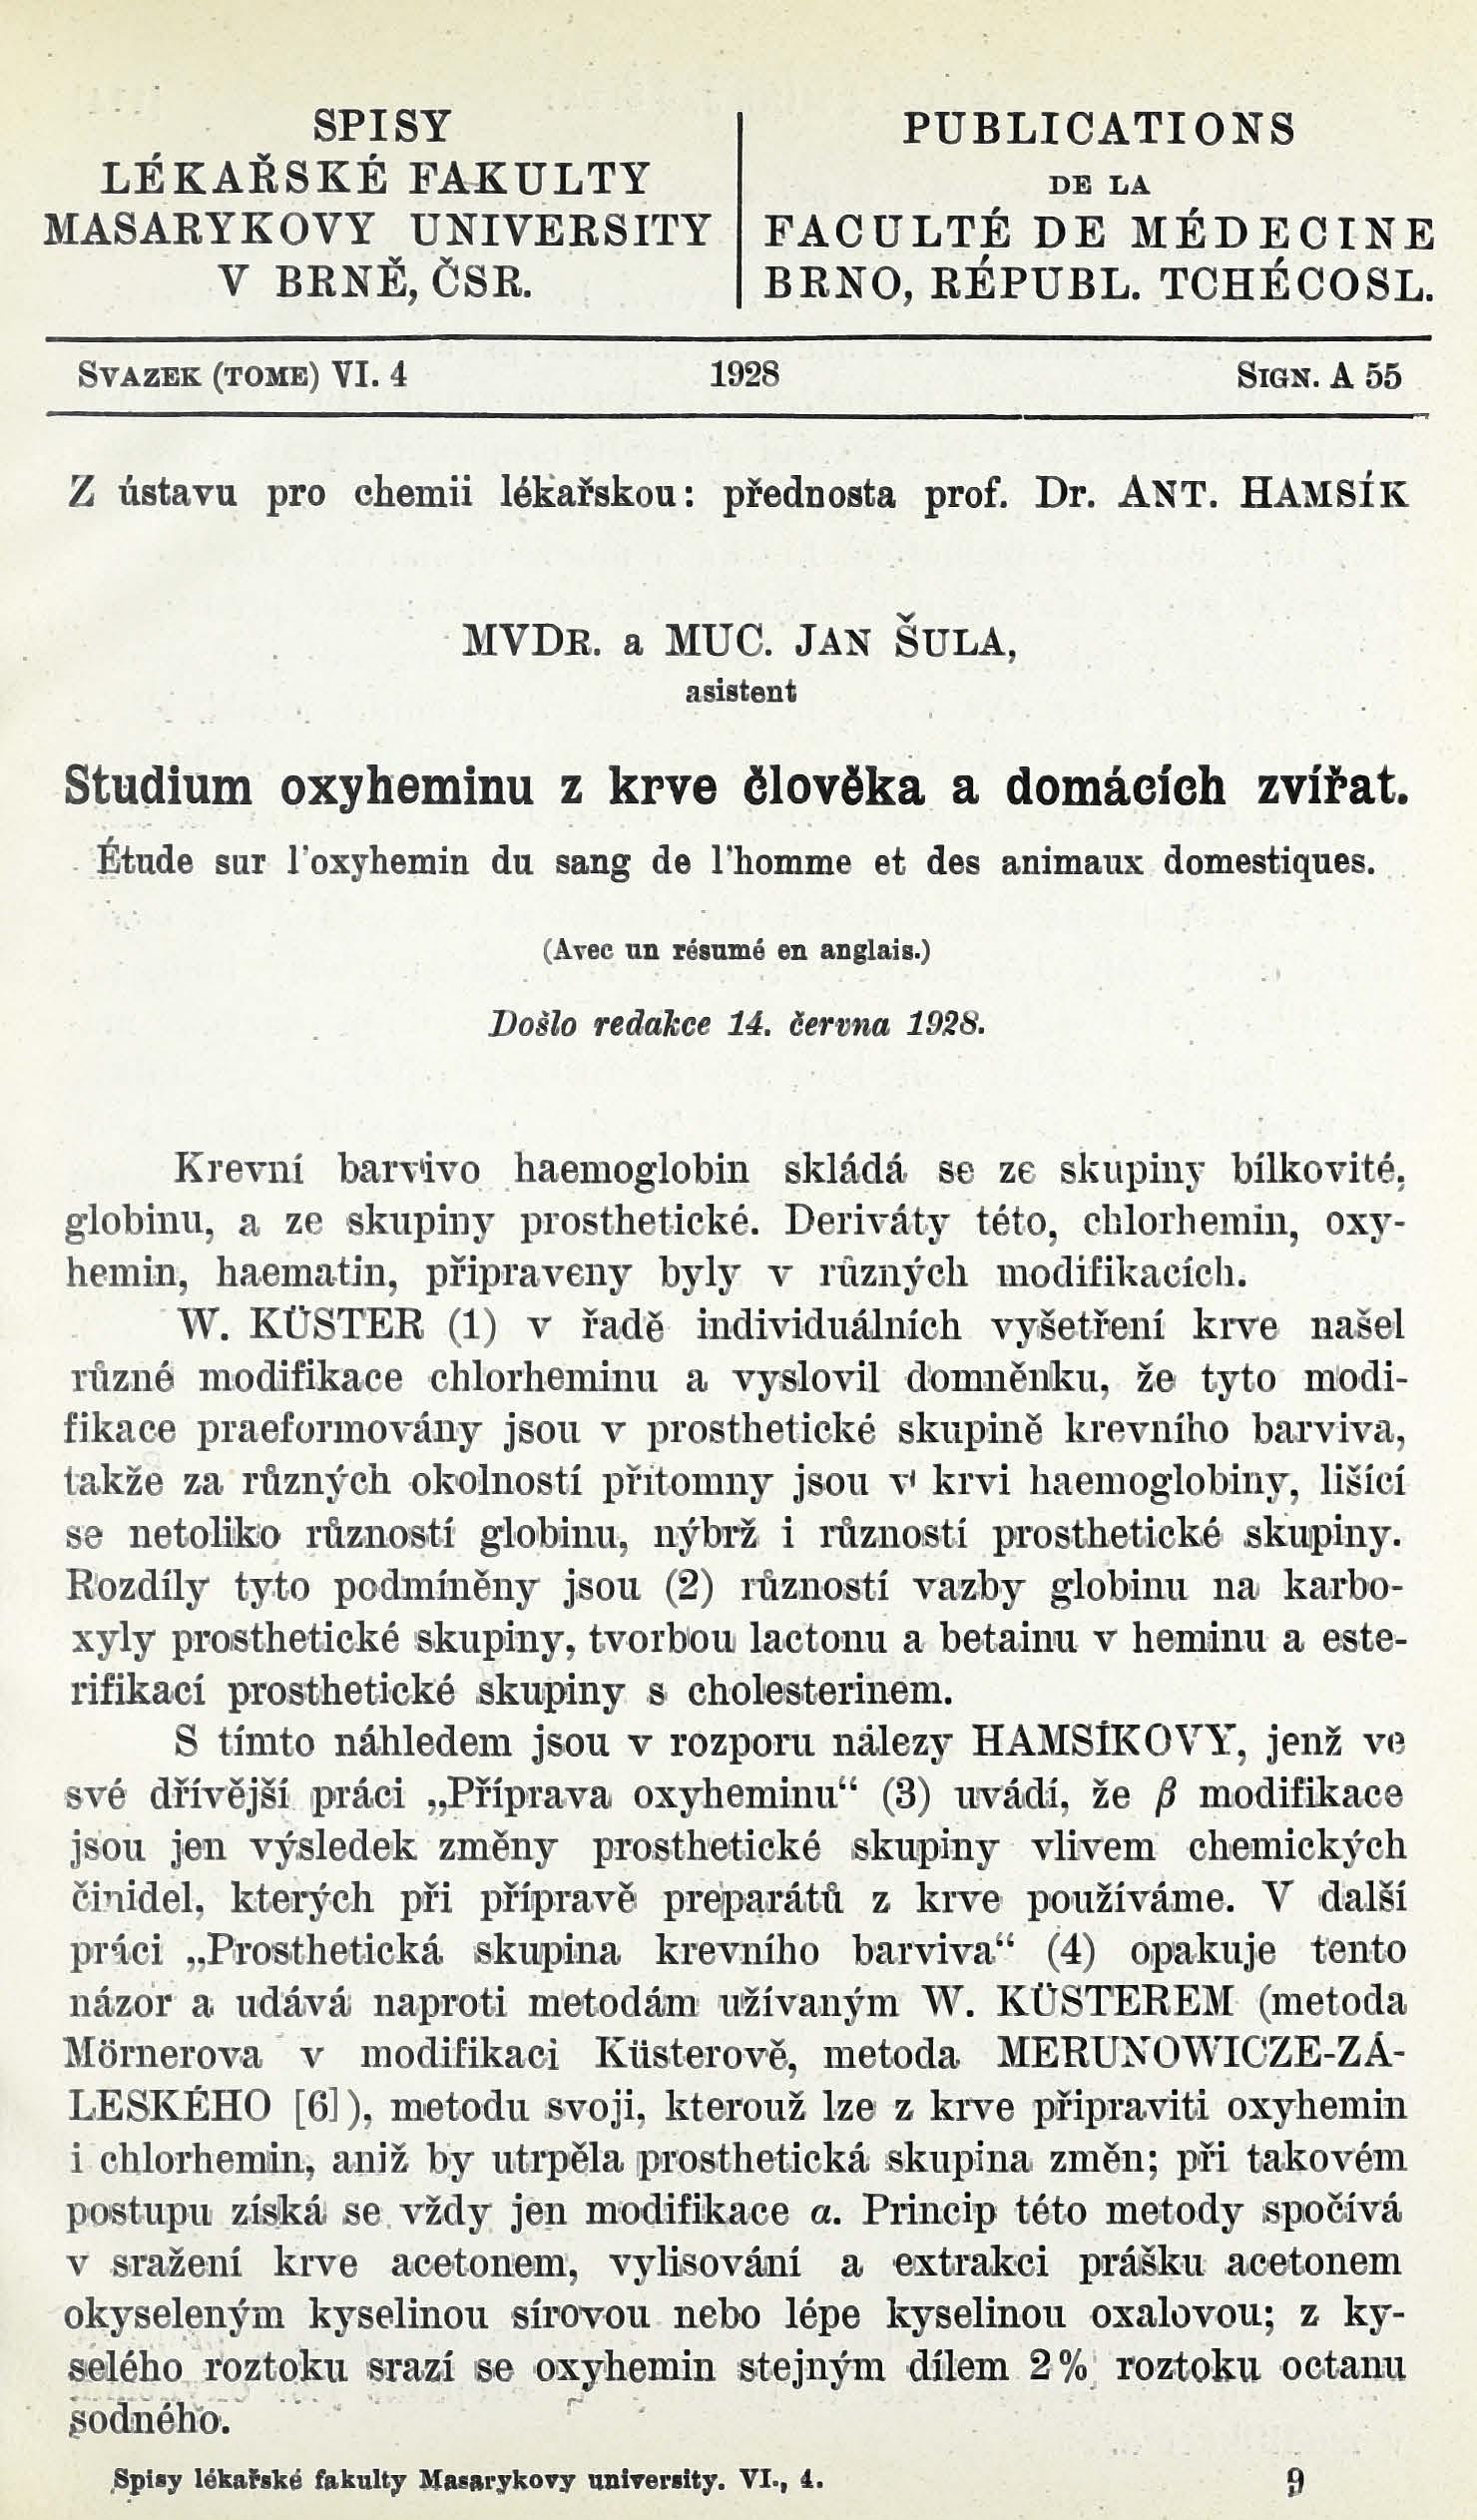 Obálka pro Studium oxyheminu z krve člověka a domácích zvířat / Étude sur l'oxyhemin du sang de l'homme et des animaux domestiques